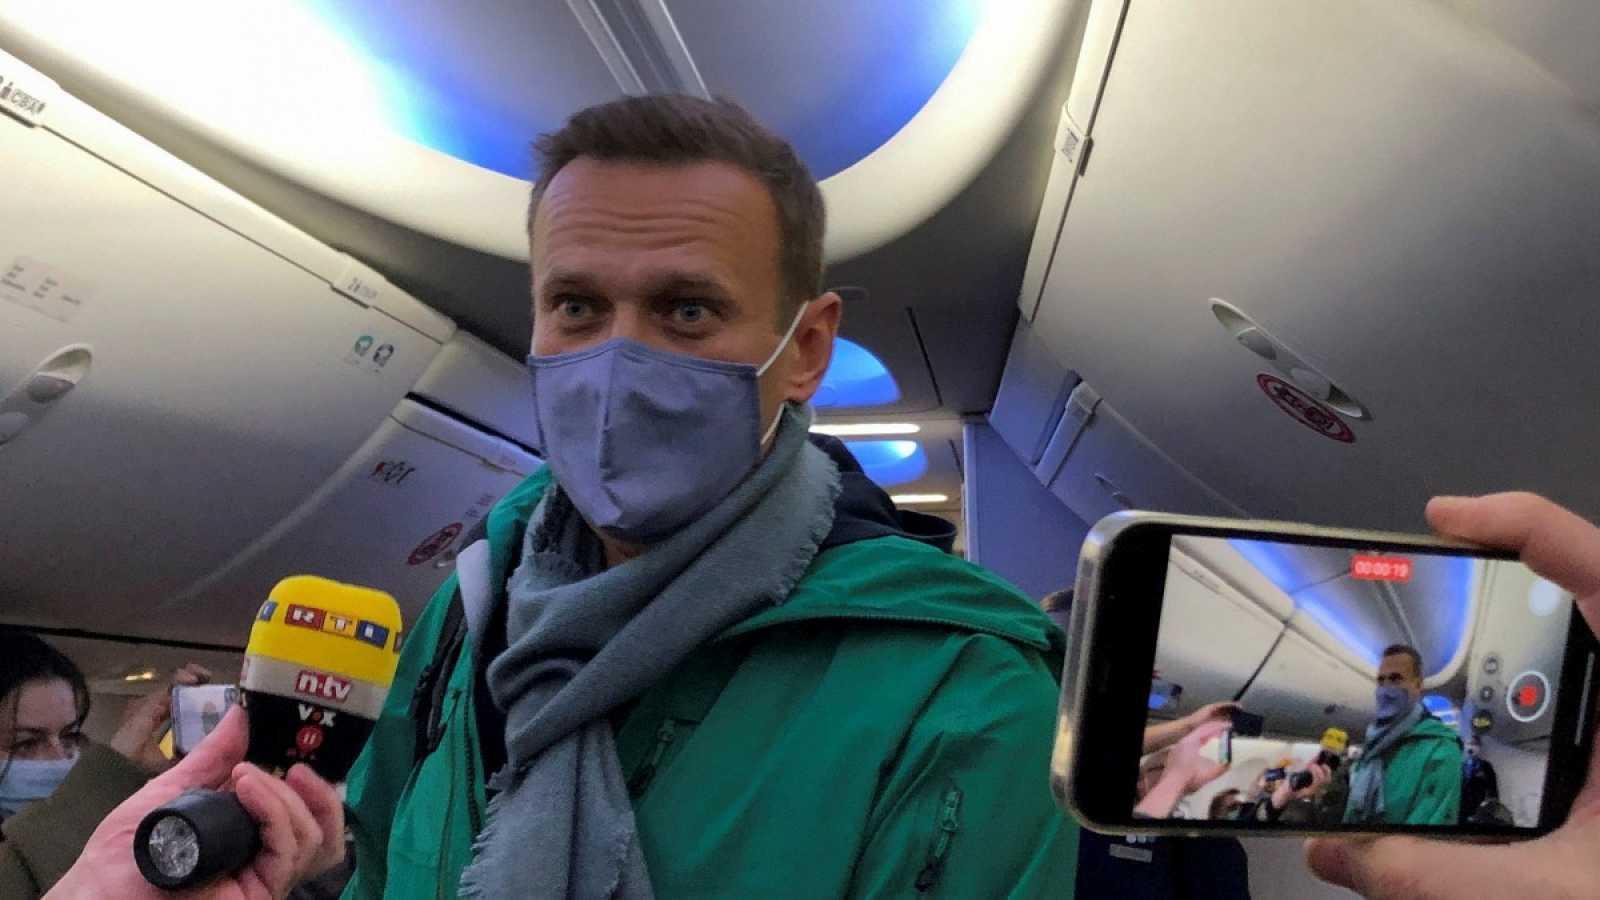 Rusia: Alexei Navalny fue detenido en aeropuerto de Moscú y permanecerá bajo custodia policial por 30 días